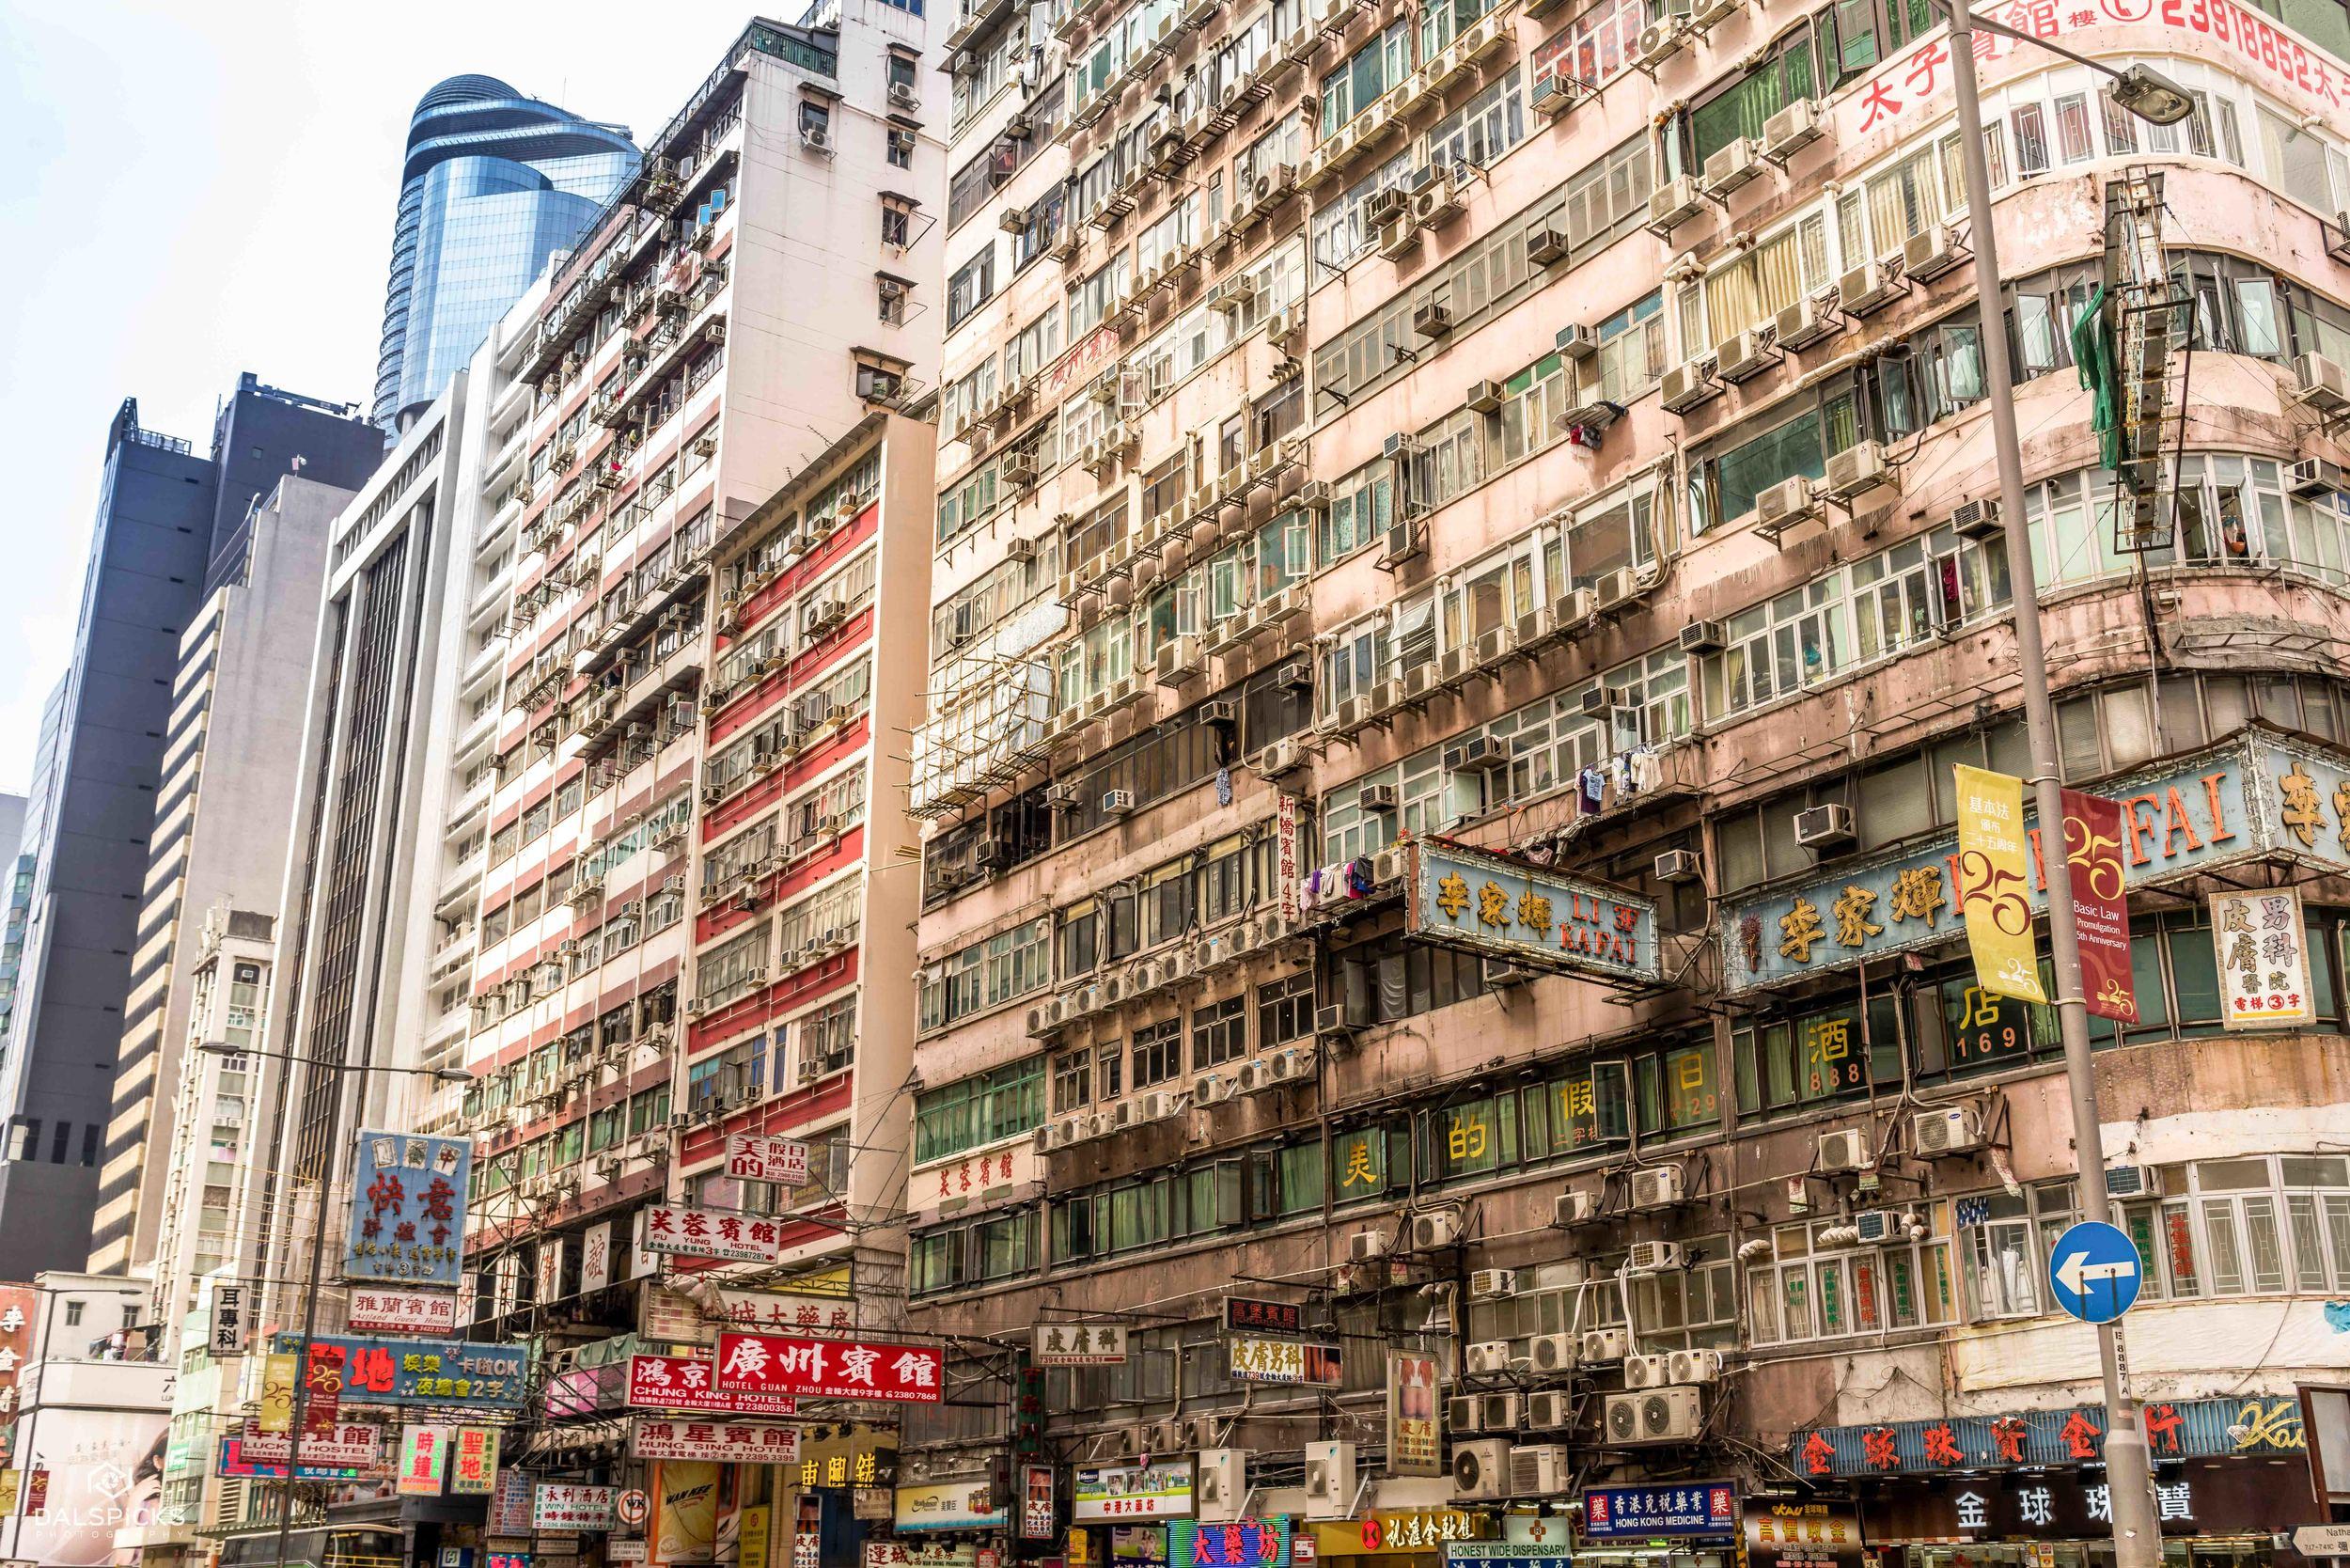 15.05.18.hk_small-6.jpg